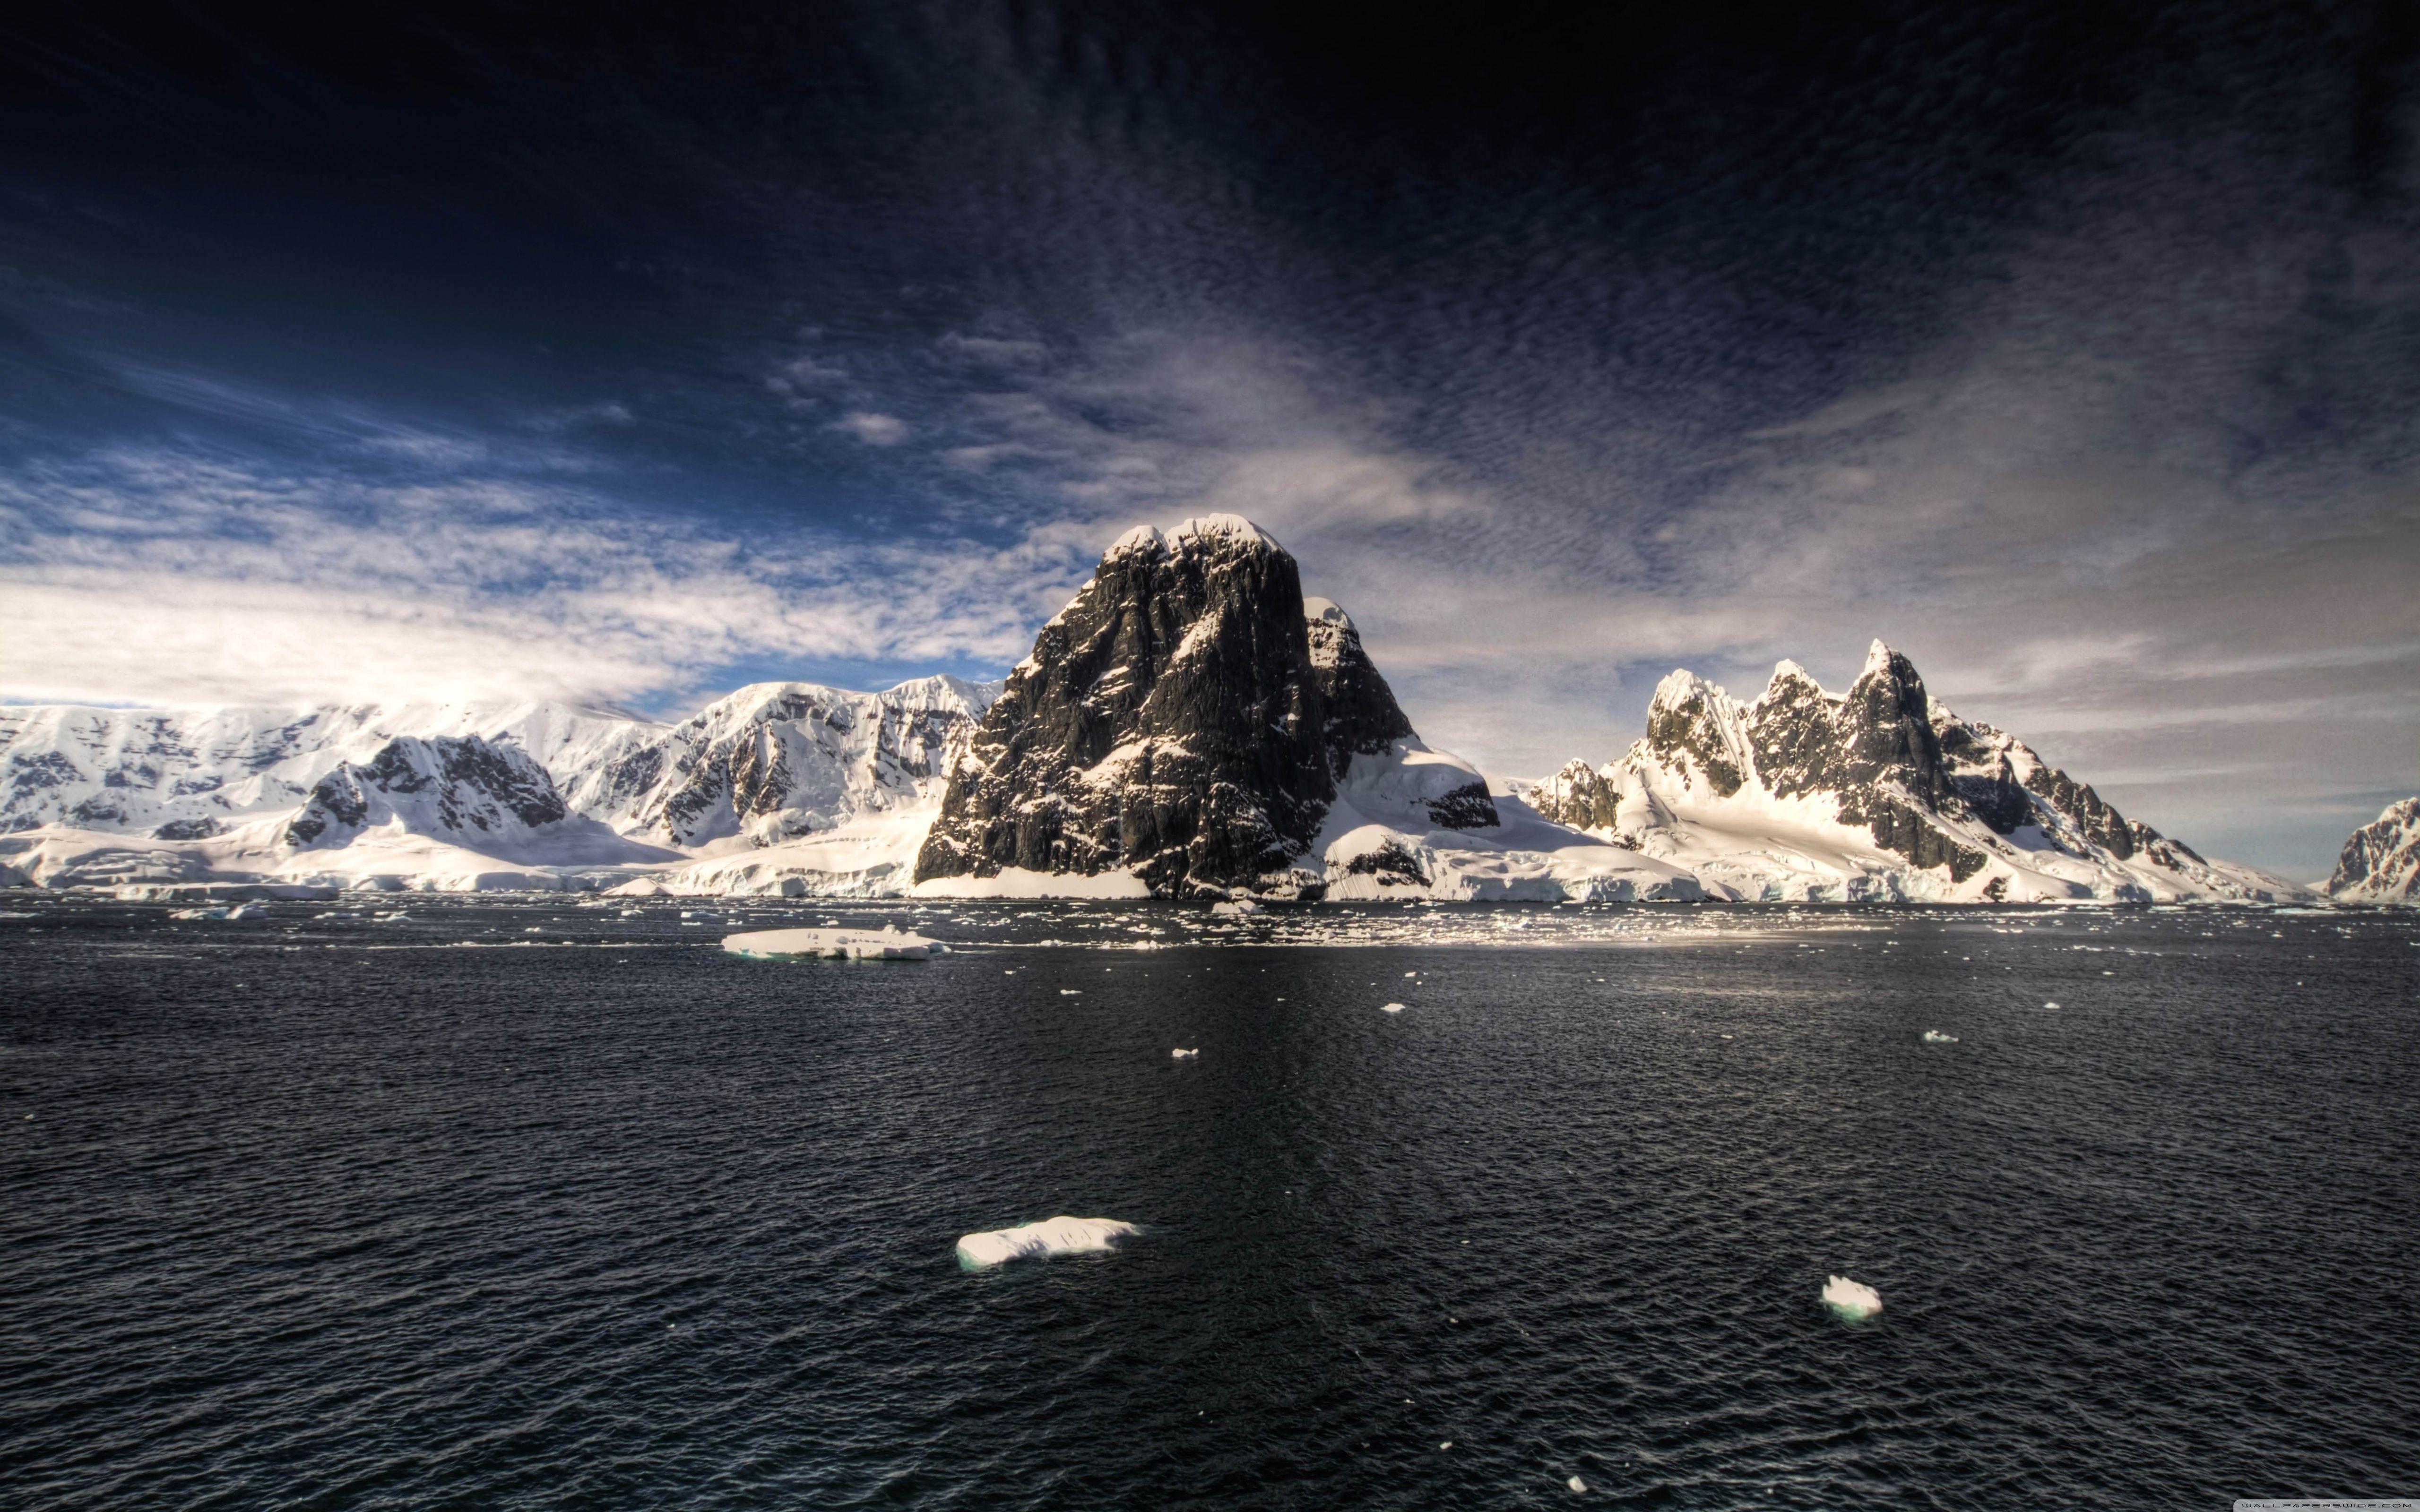 Antarctica HD desktop wallpaper : Fullscreen : Mobile : Dual Monitor